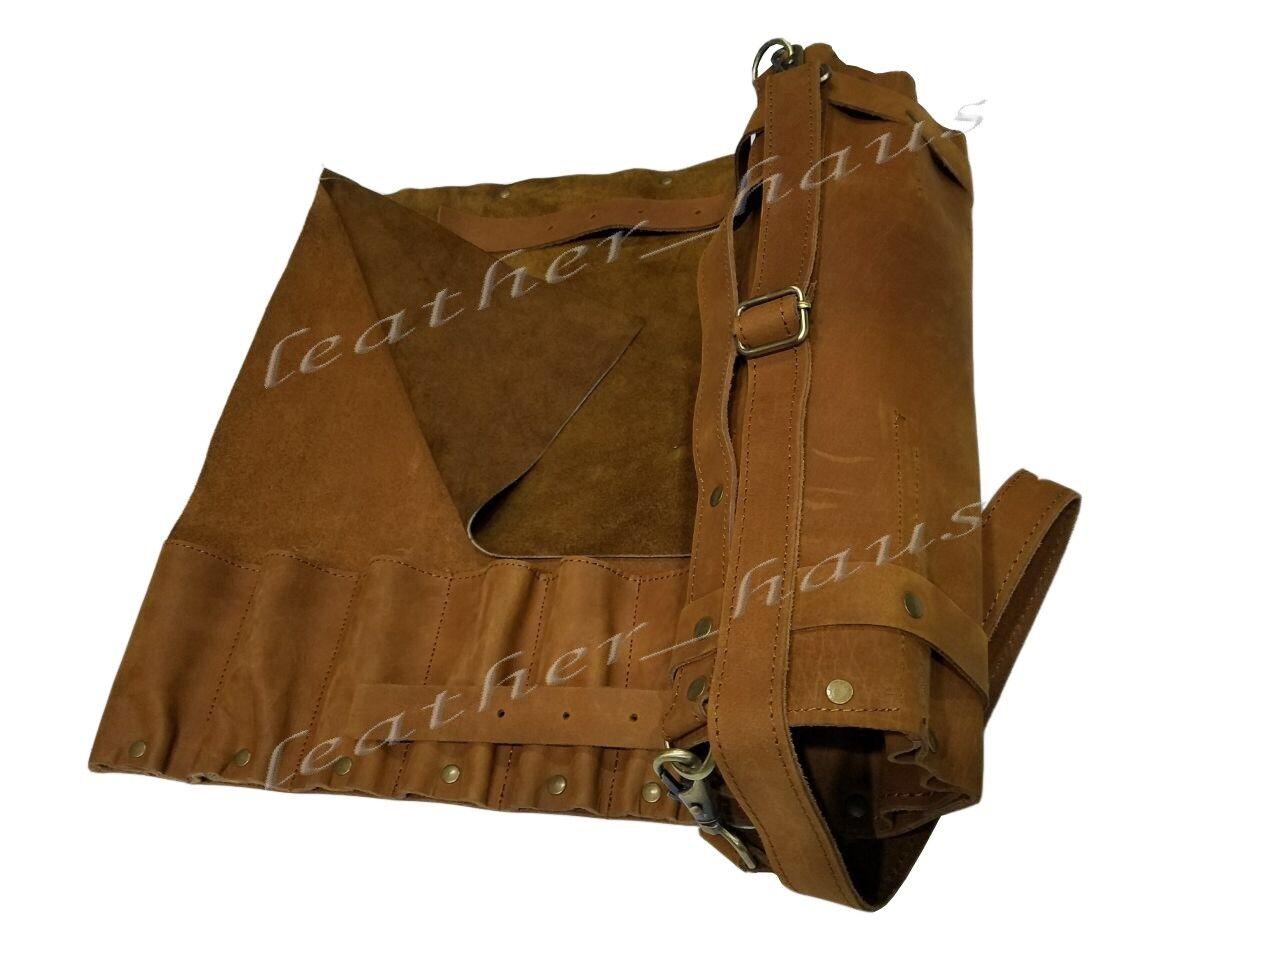 Professionnel Léger en cuir véritable 11 poches Chef Couteau Sac Roll  K01-11